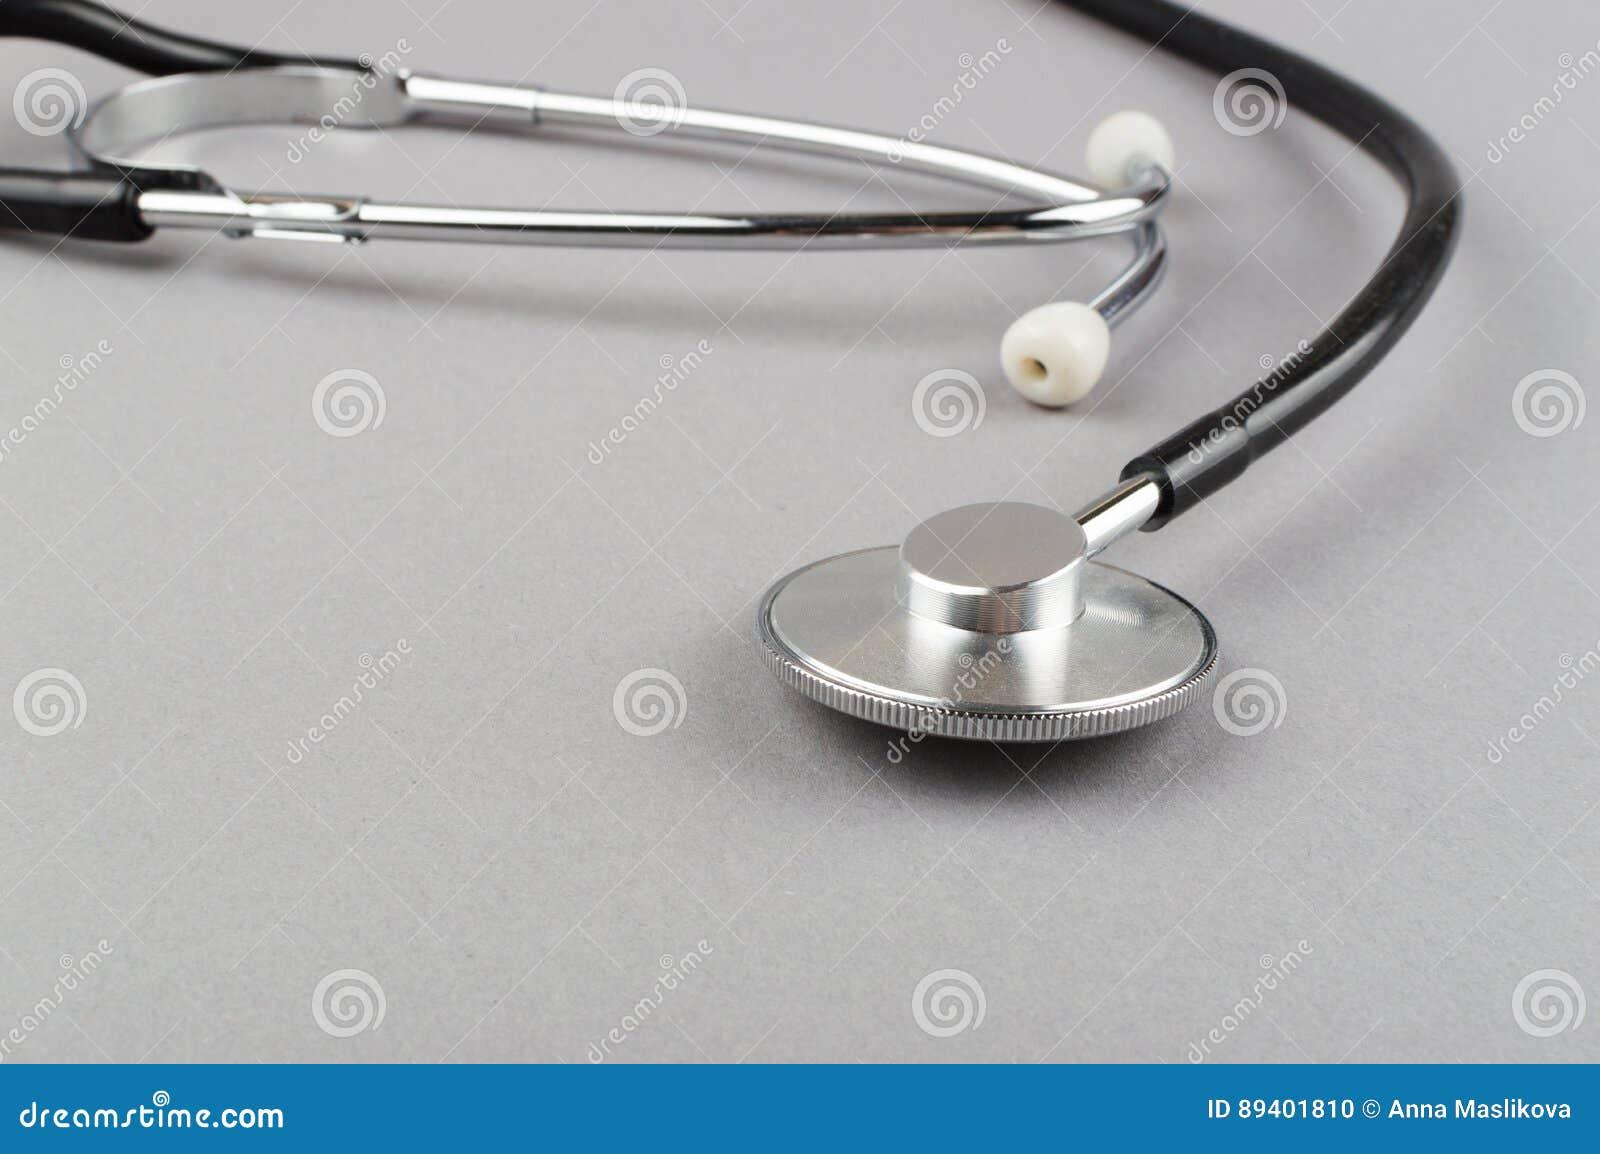 Estetoscópio - instrumento médico no fundo cinzento